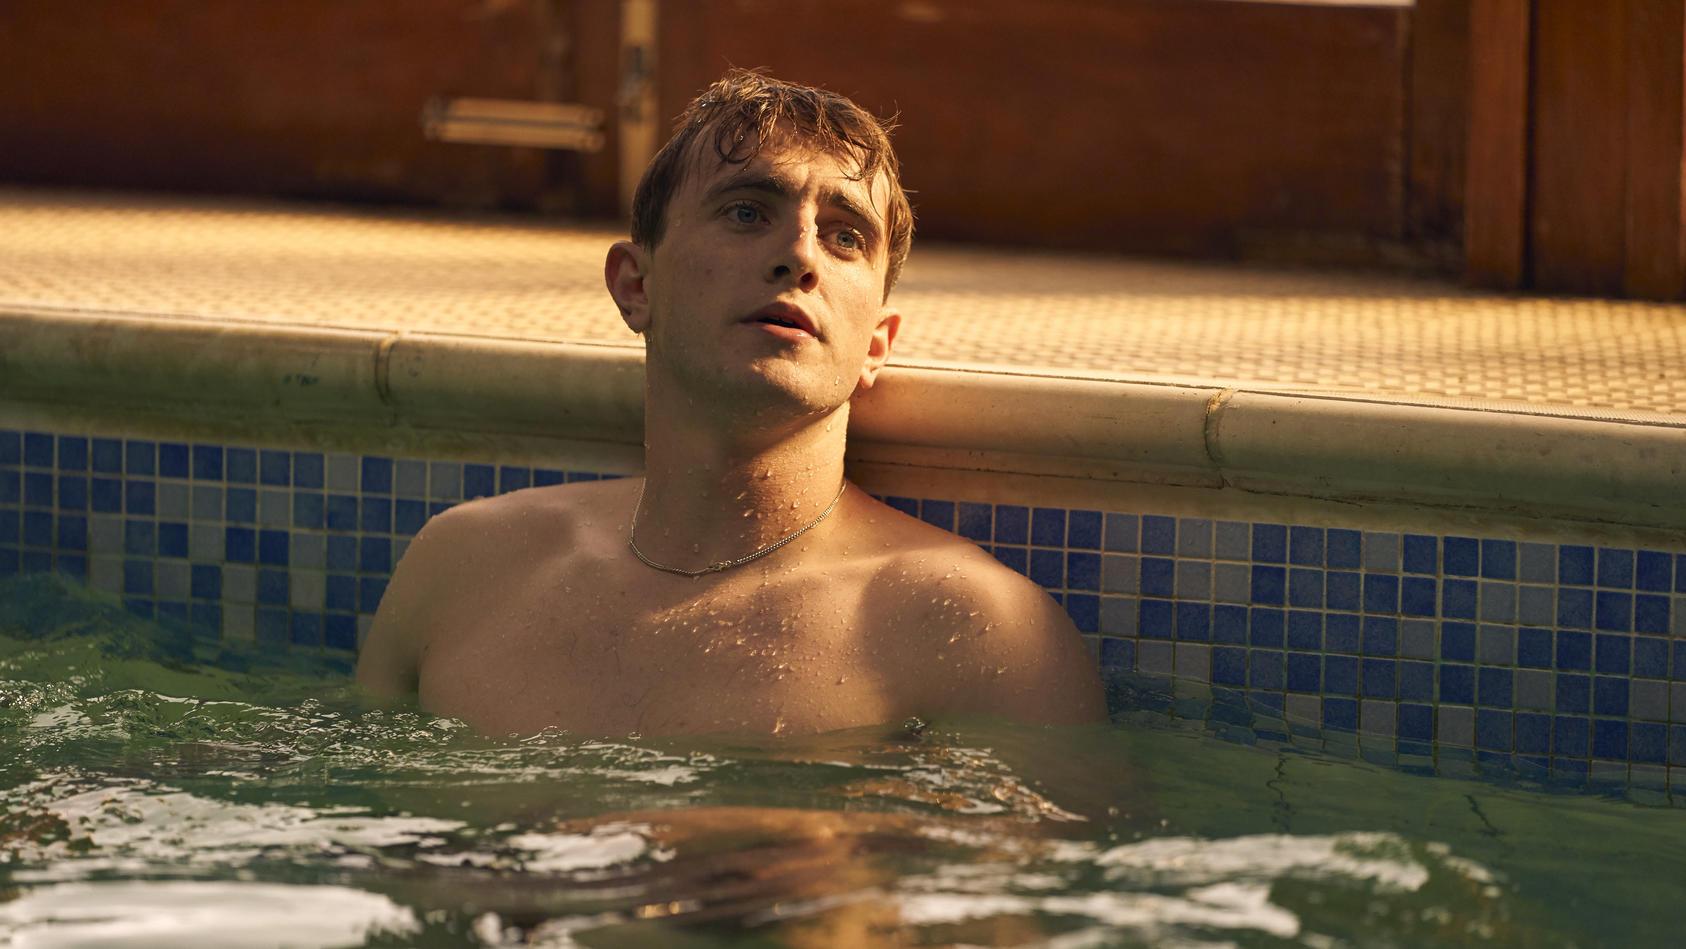 Auch der Schauspieler und Sex-Symbol Paul Mescal trägt eine modische Halskette.